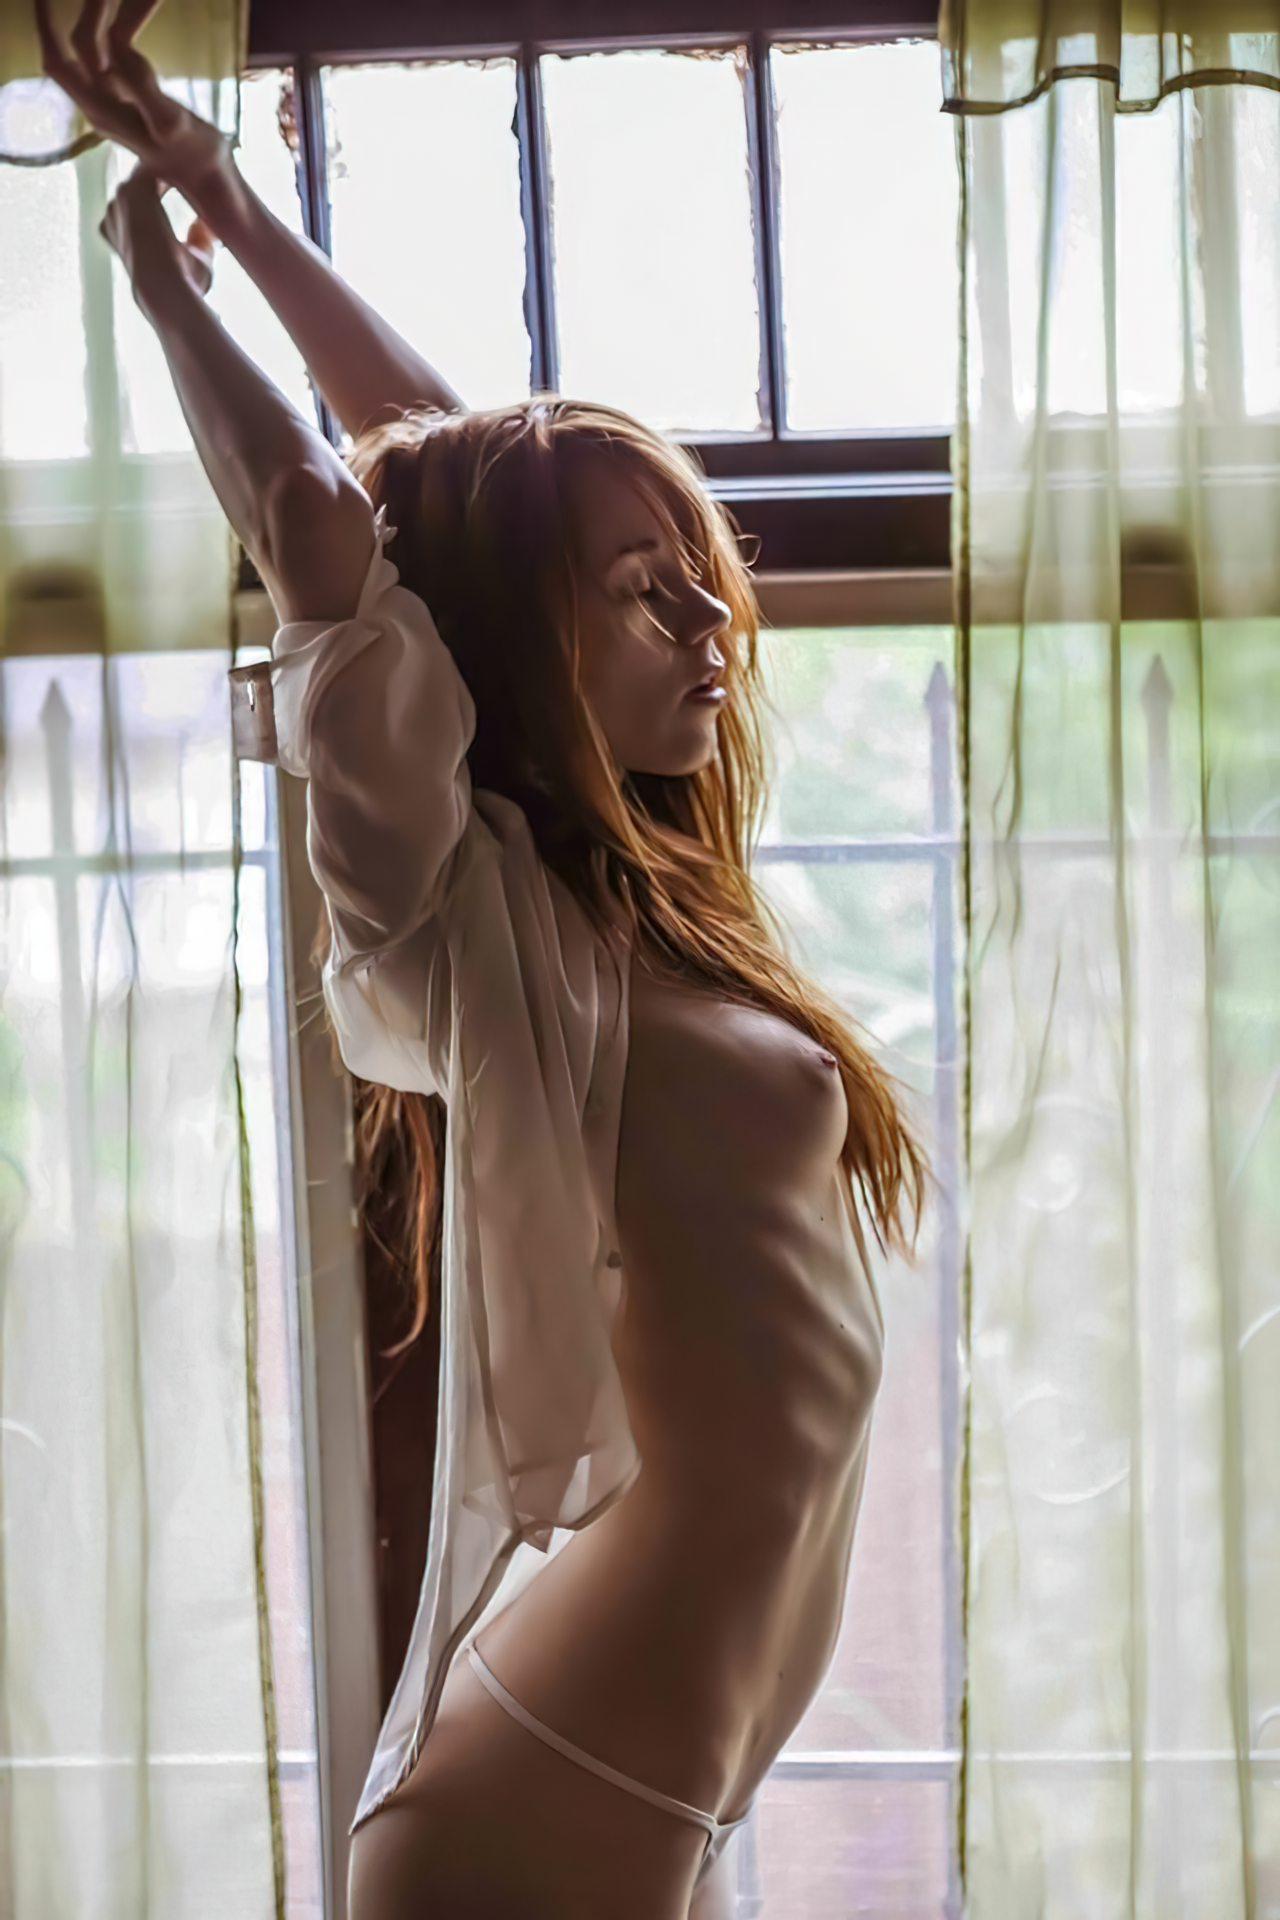 Imagens de Mulheres Despidas (49)